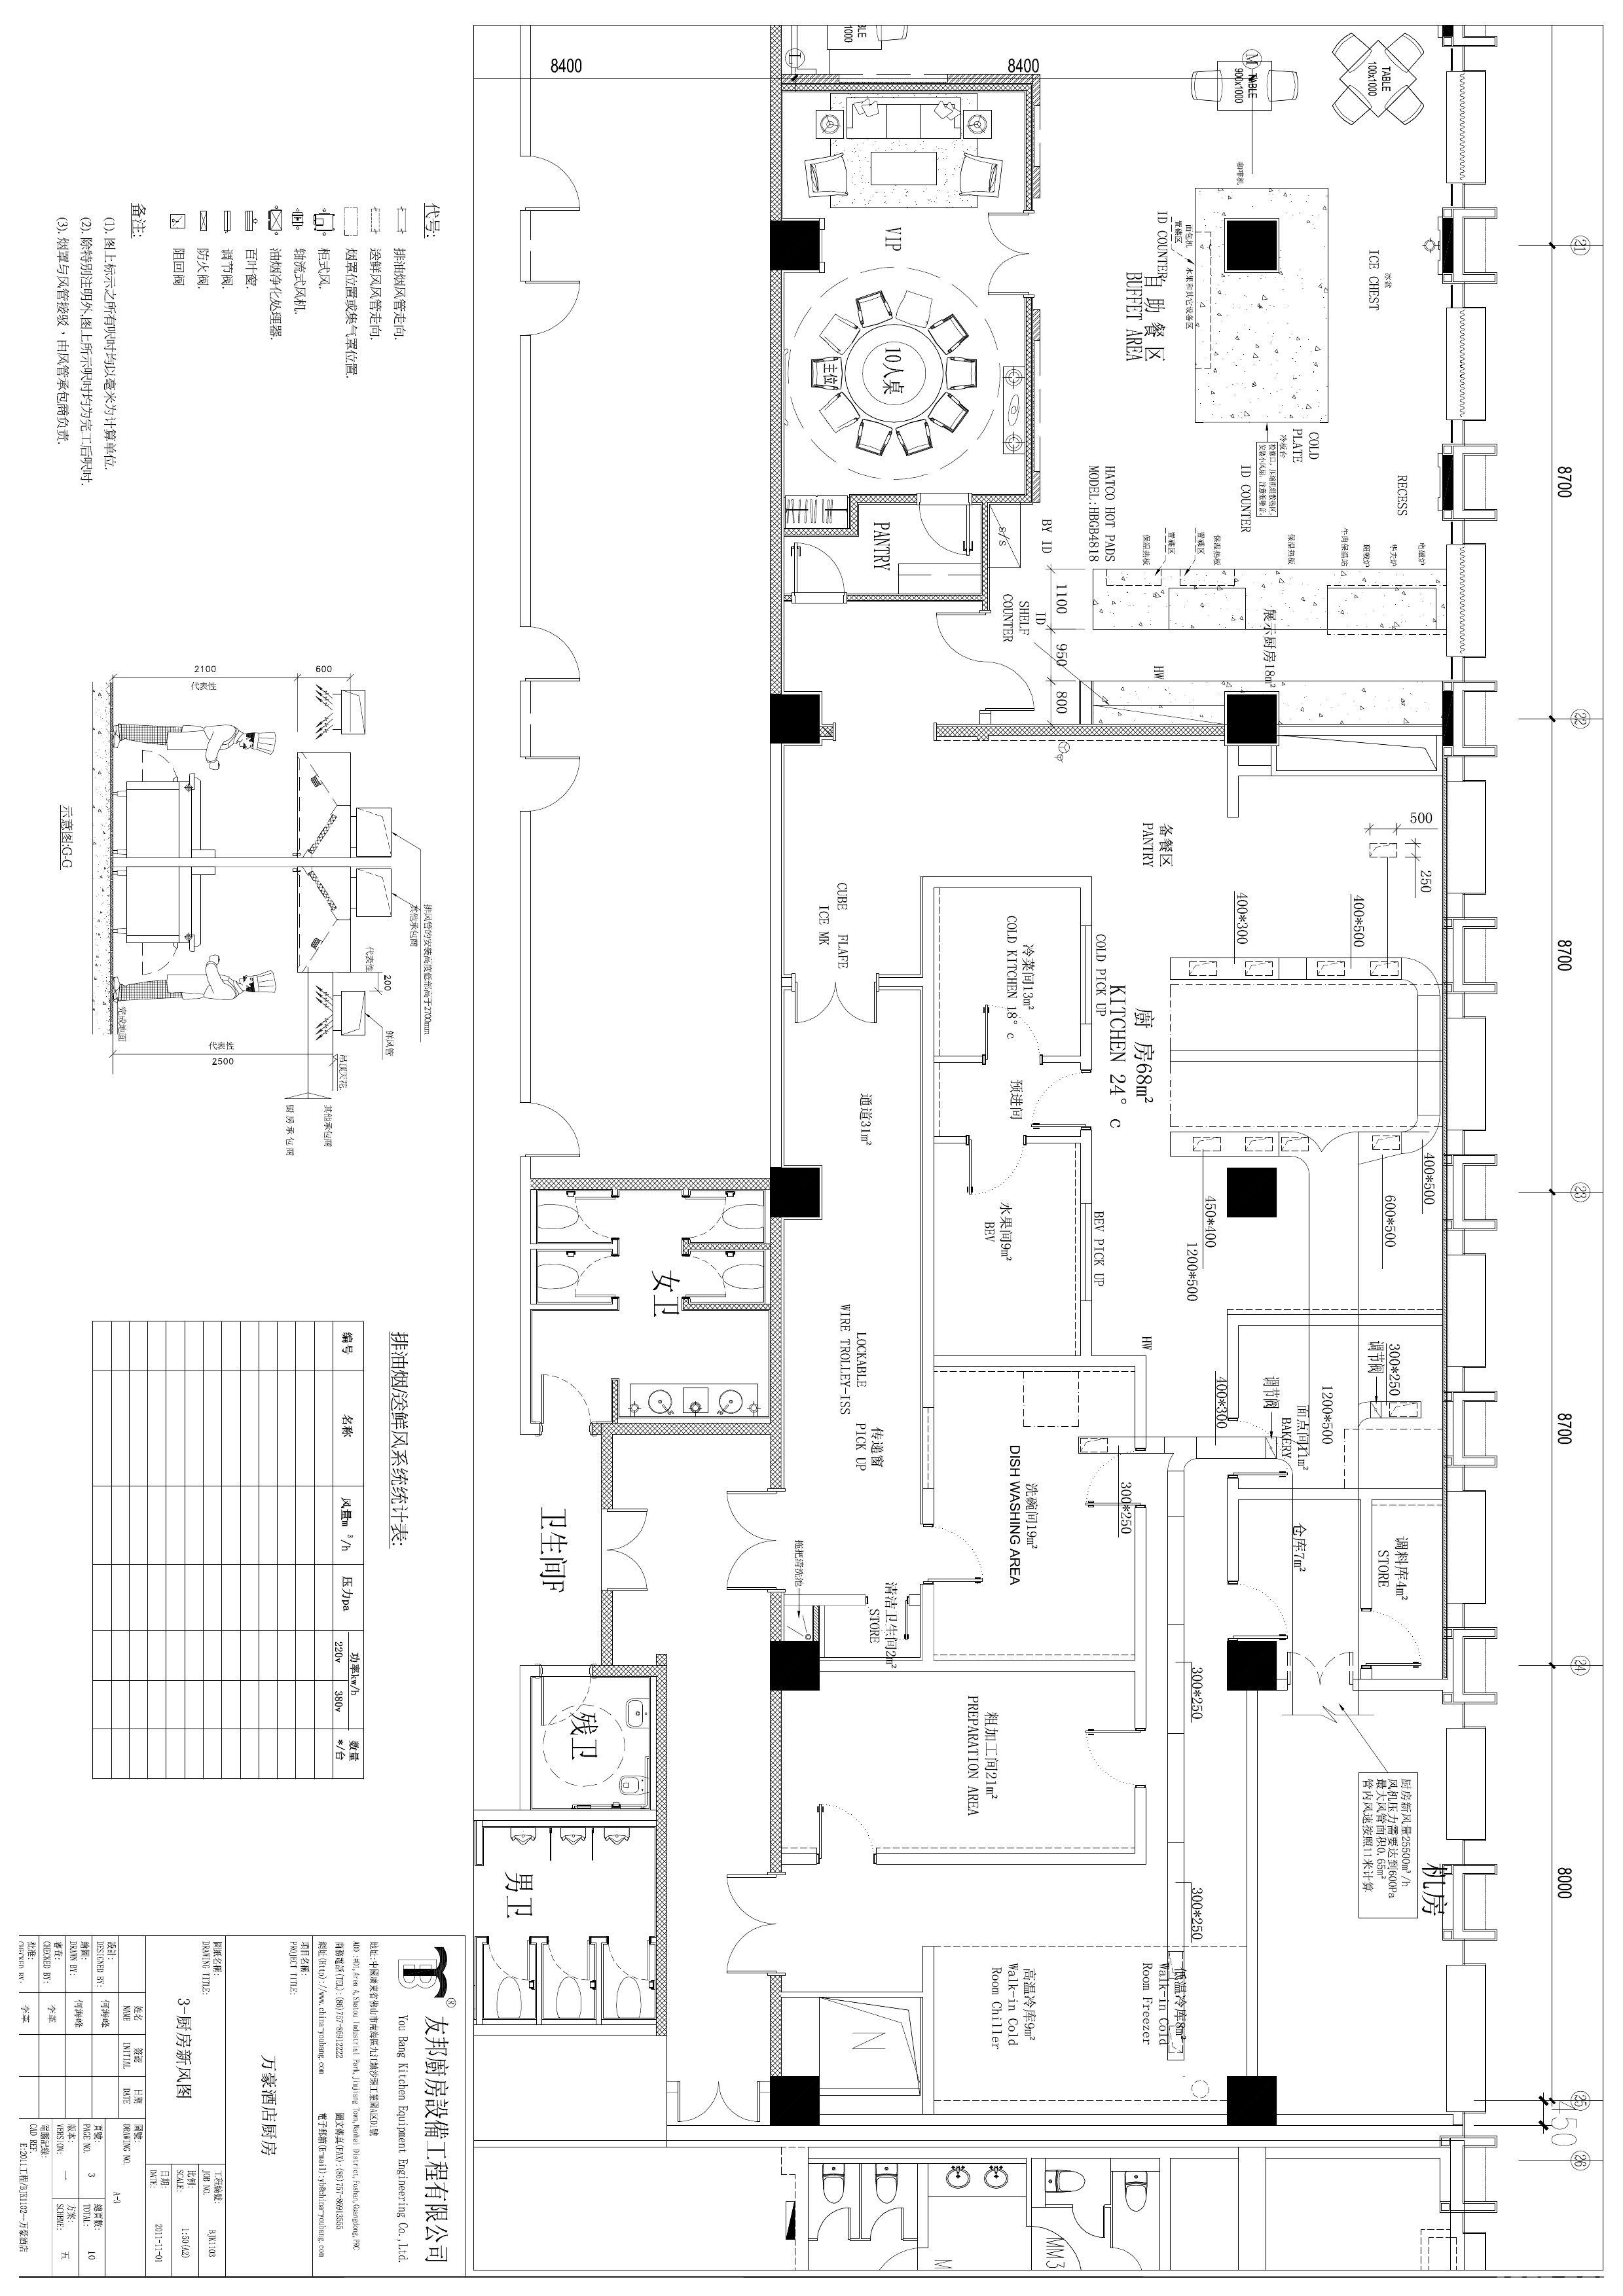 提供大量供餐的加工厨房,例如:酒店厨房,餐馆厨房,轮船厨房,机场厨房